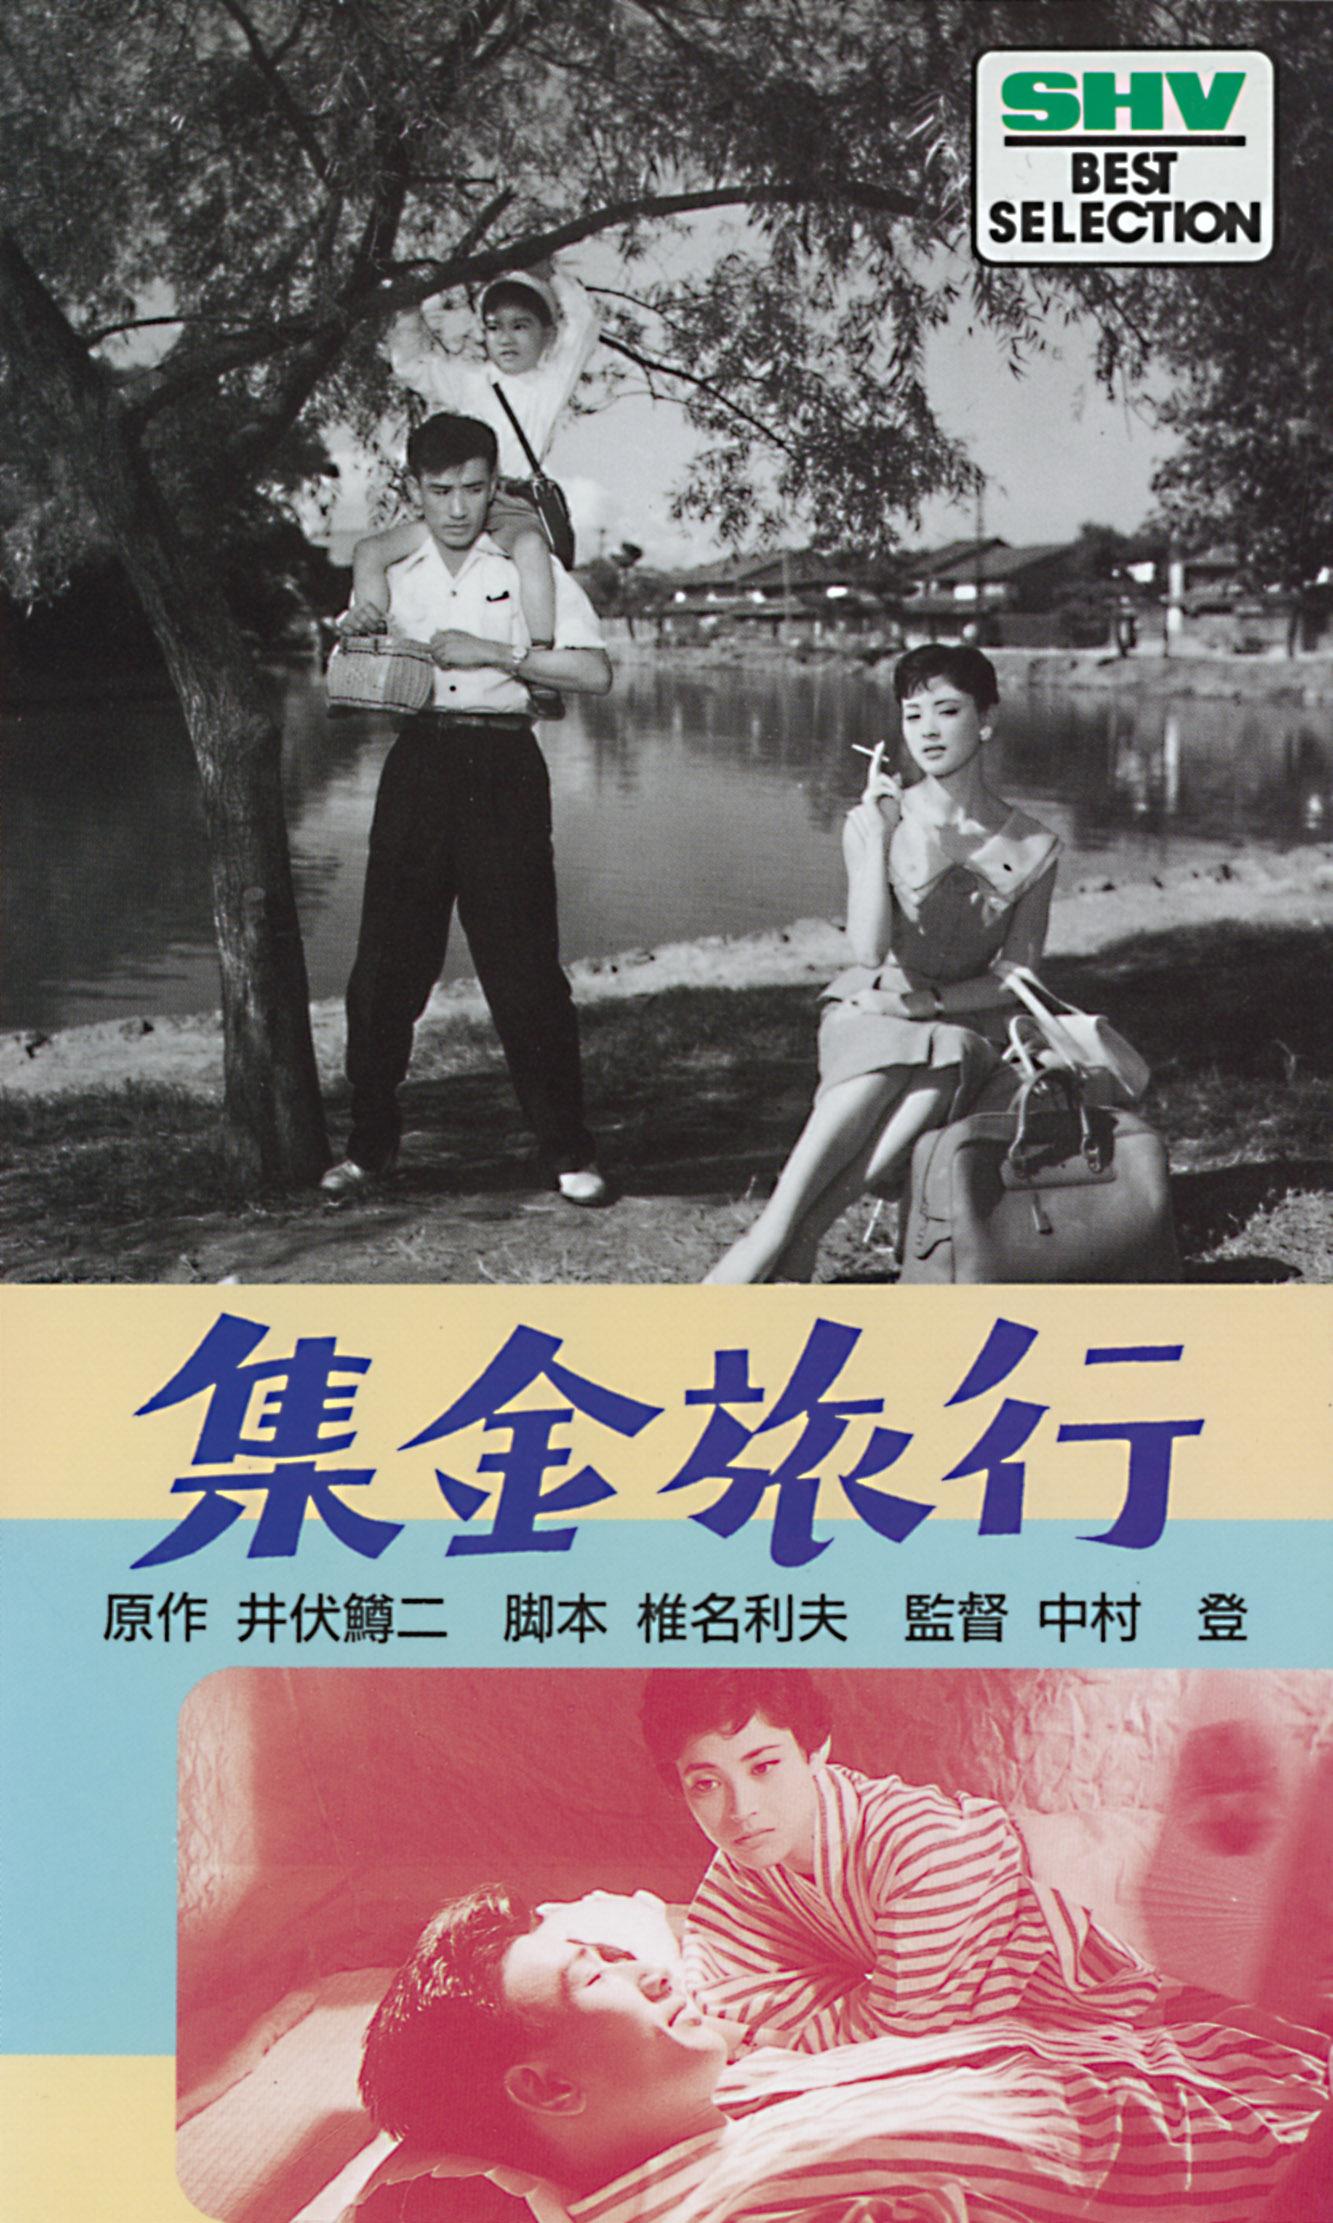 集金旅行VHS[2]